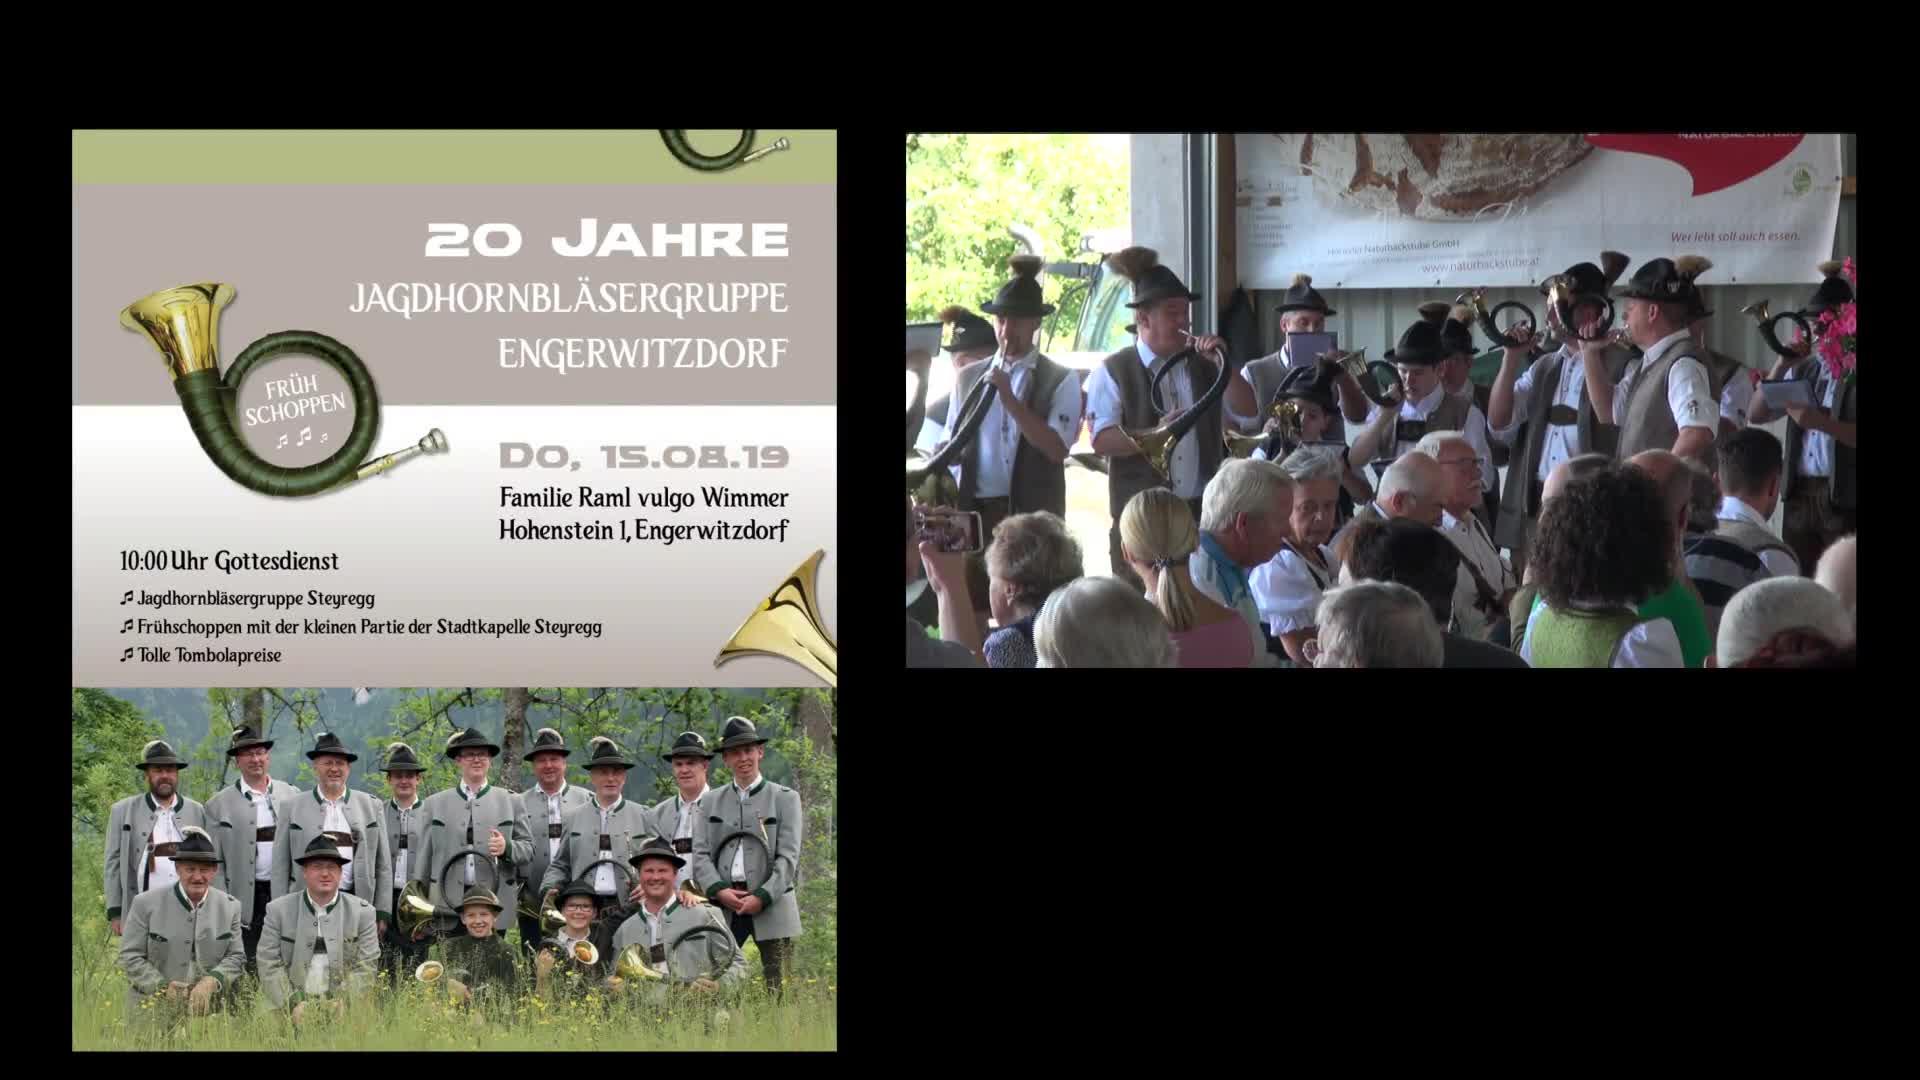 20 Jahre Jagdhornbläsergruppe Engerwitzdorf